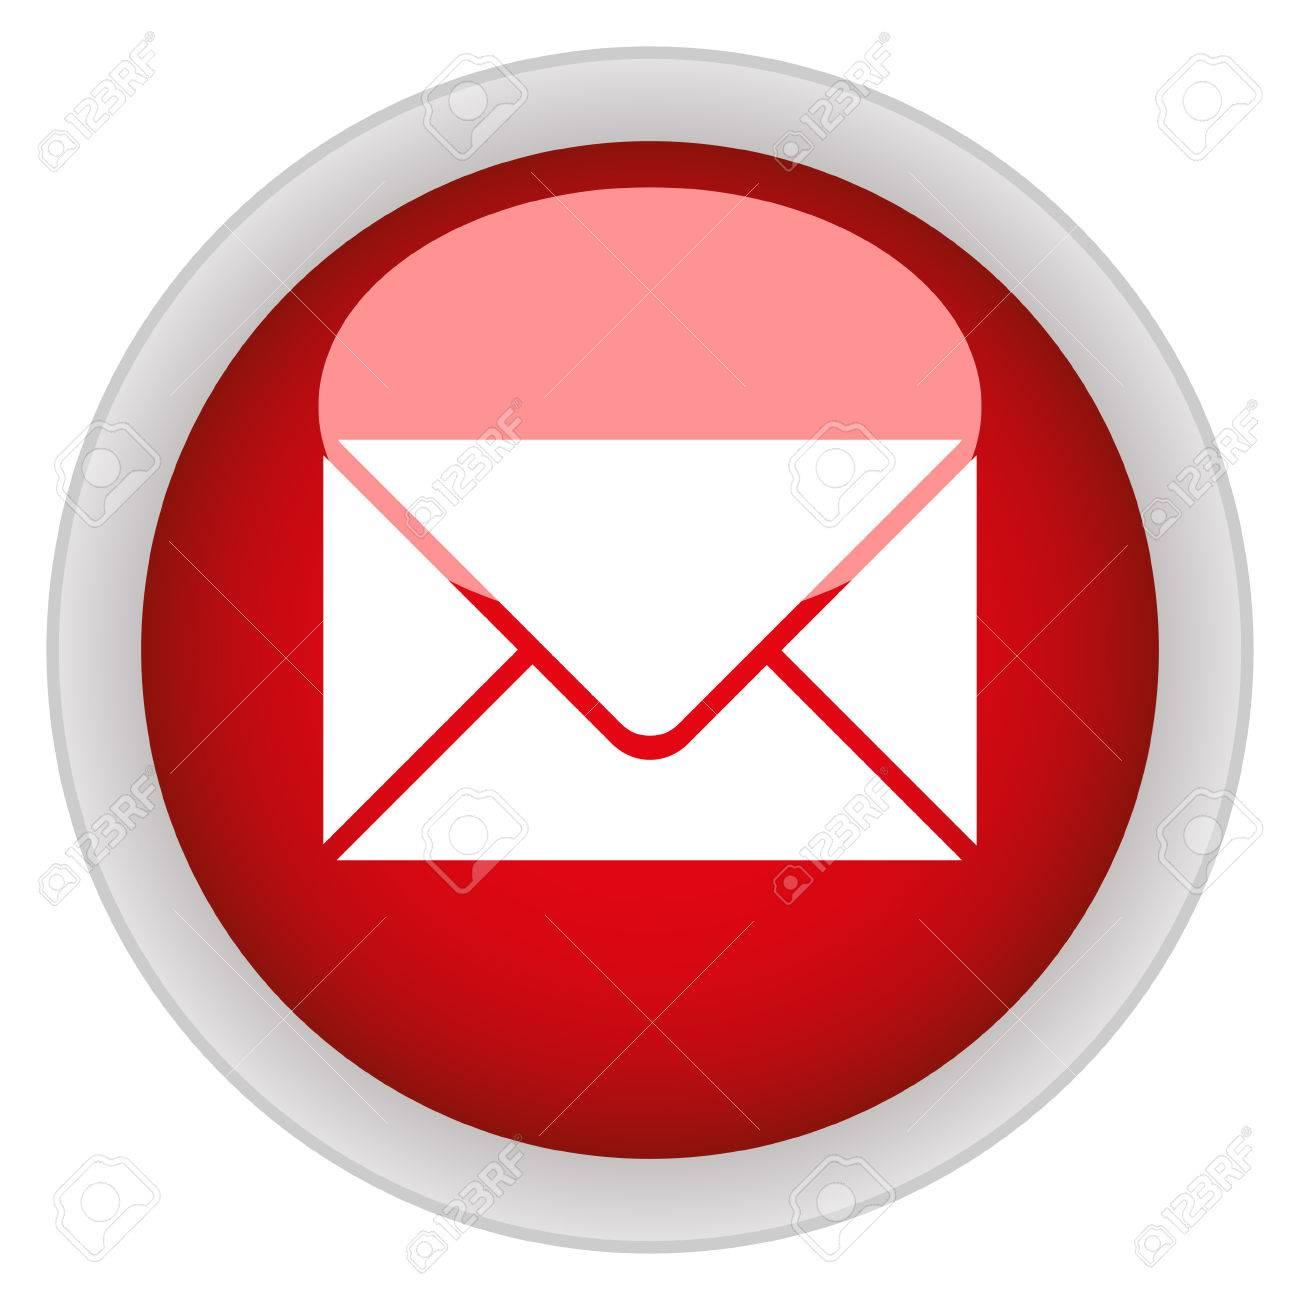 Email Icono De Botón Redondo De Color Rojo Brillante Ilustraciones ...